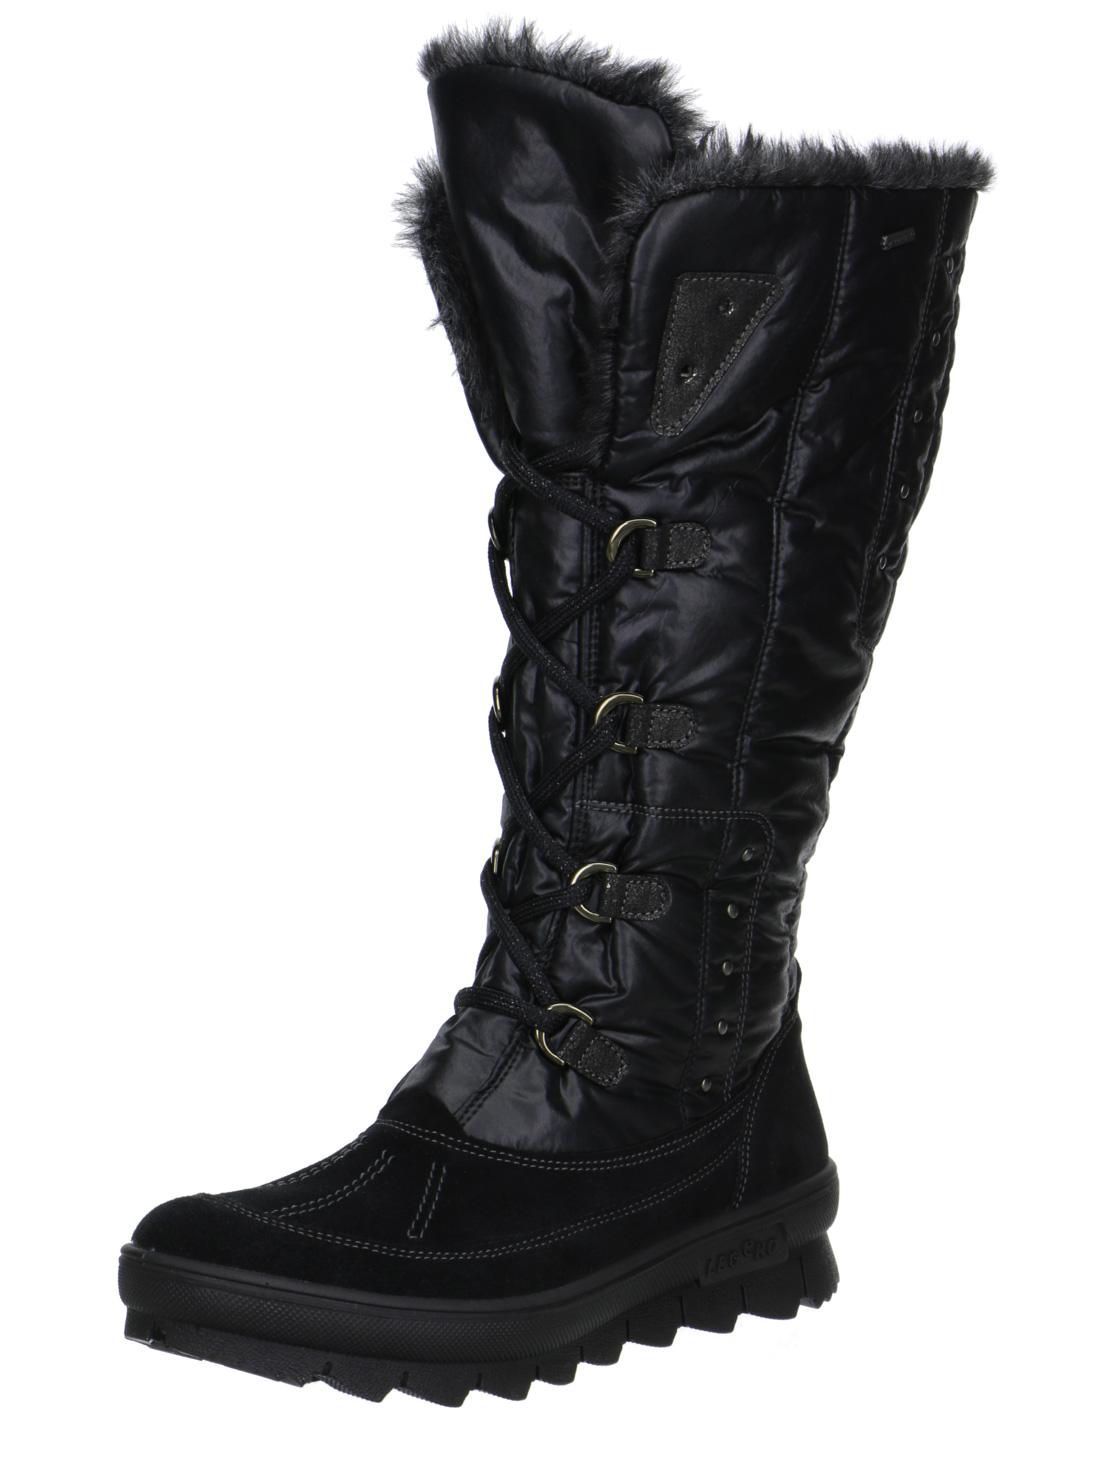 Legero Damen Gore-Tex Stiefel 3-00931-00 schwarz